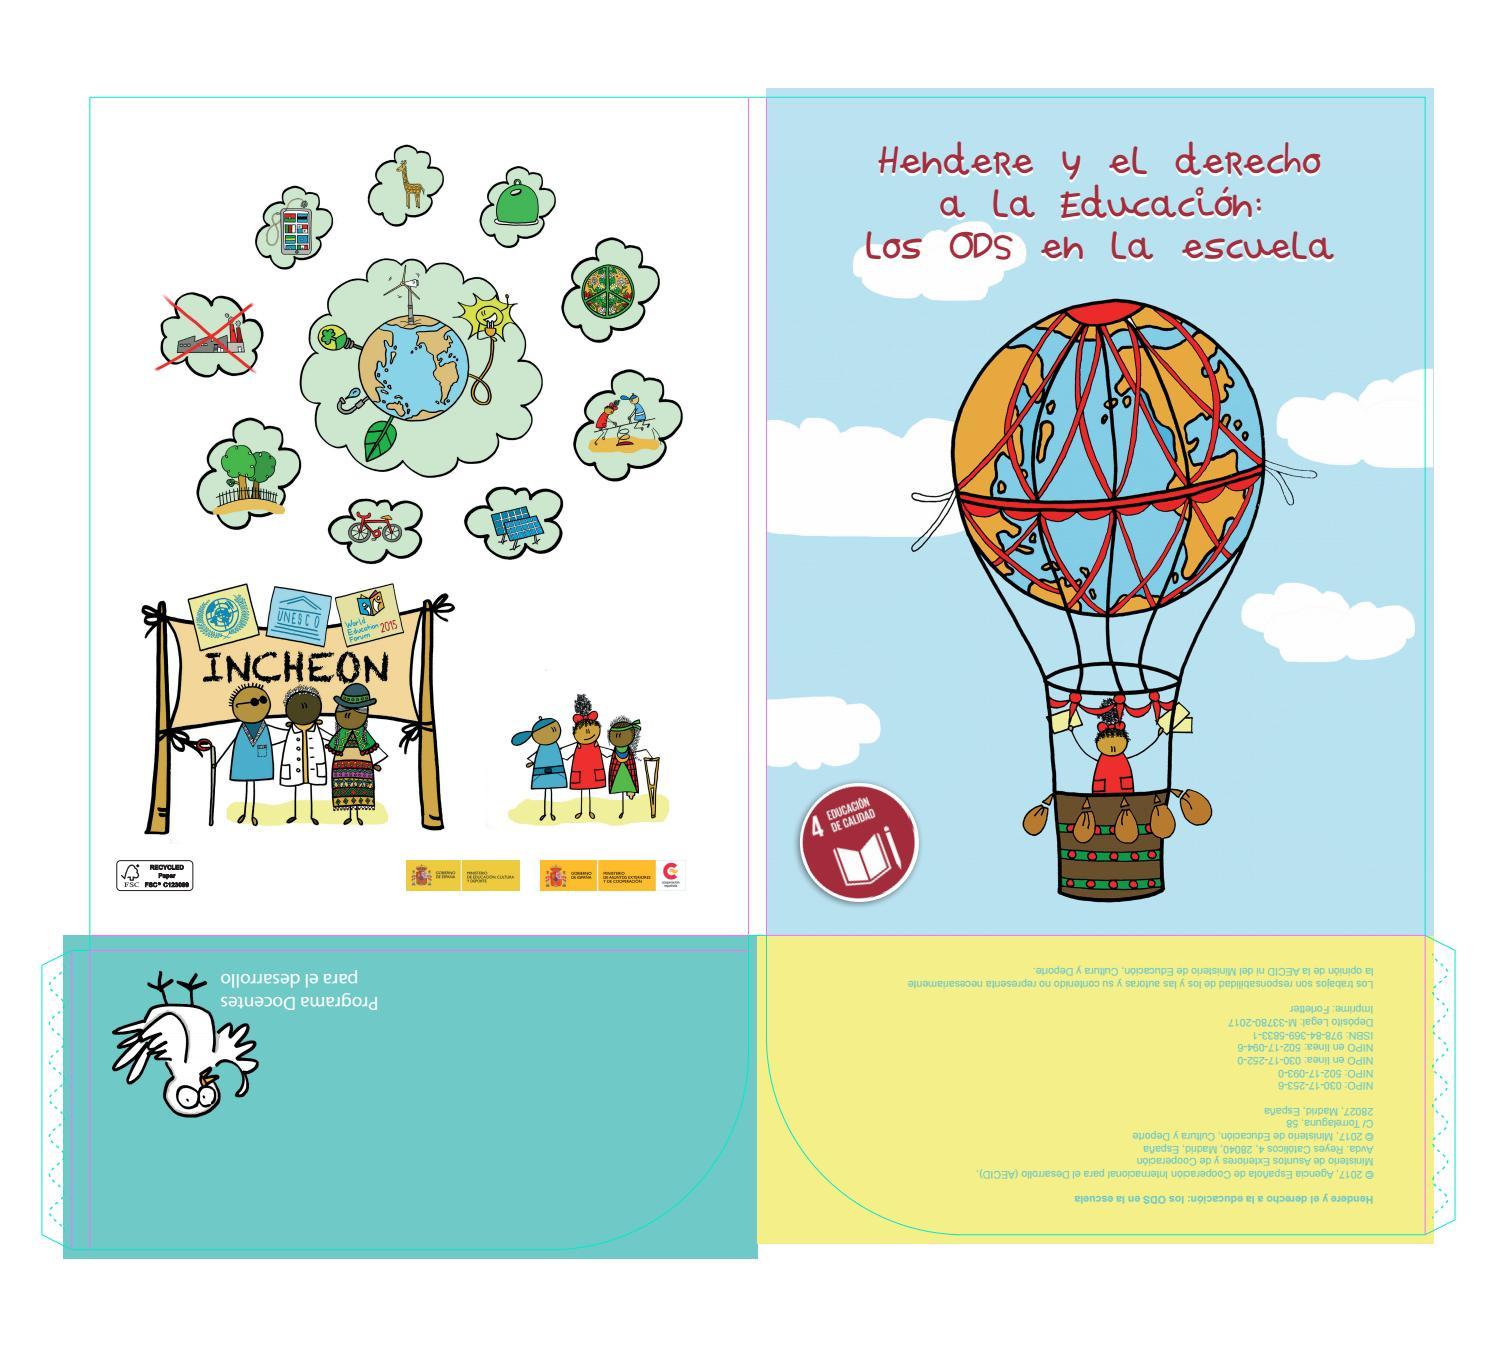 Hendere y del derecho a la educación: los ODS en al escuela by Docentes  para el Desarrollo - issuu